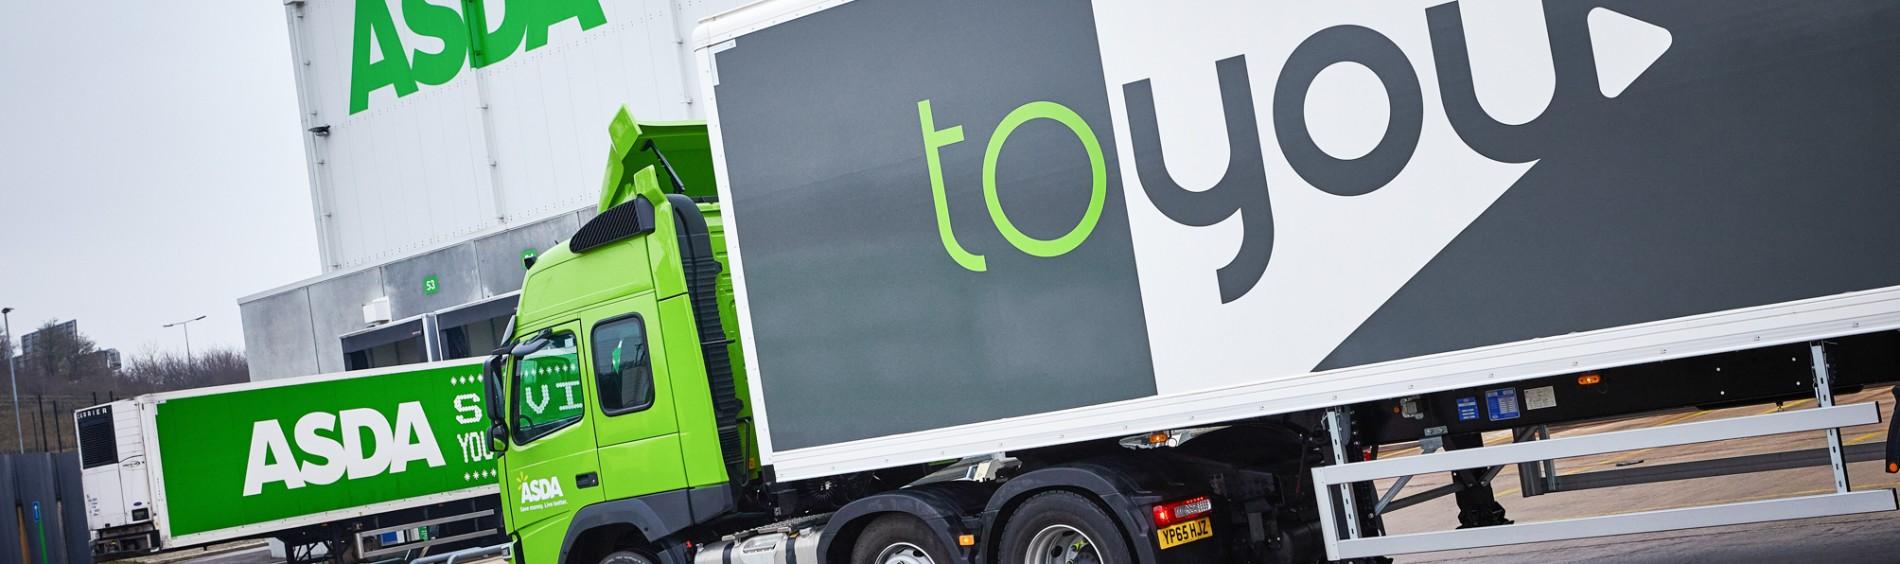 半卡车的侧面有toyou标志